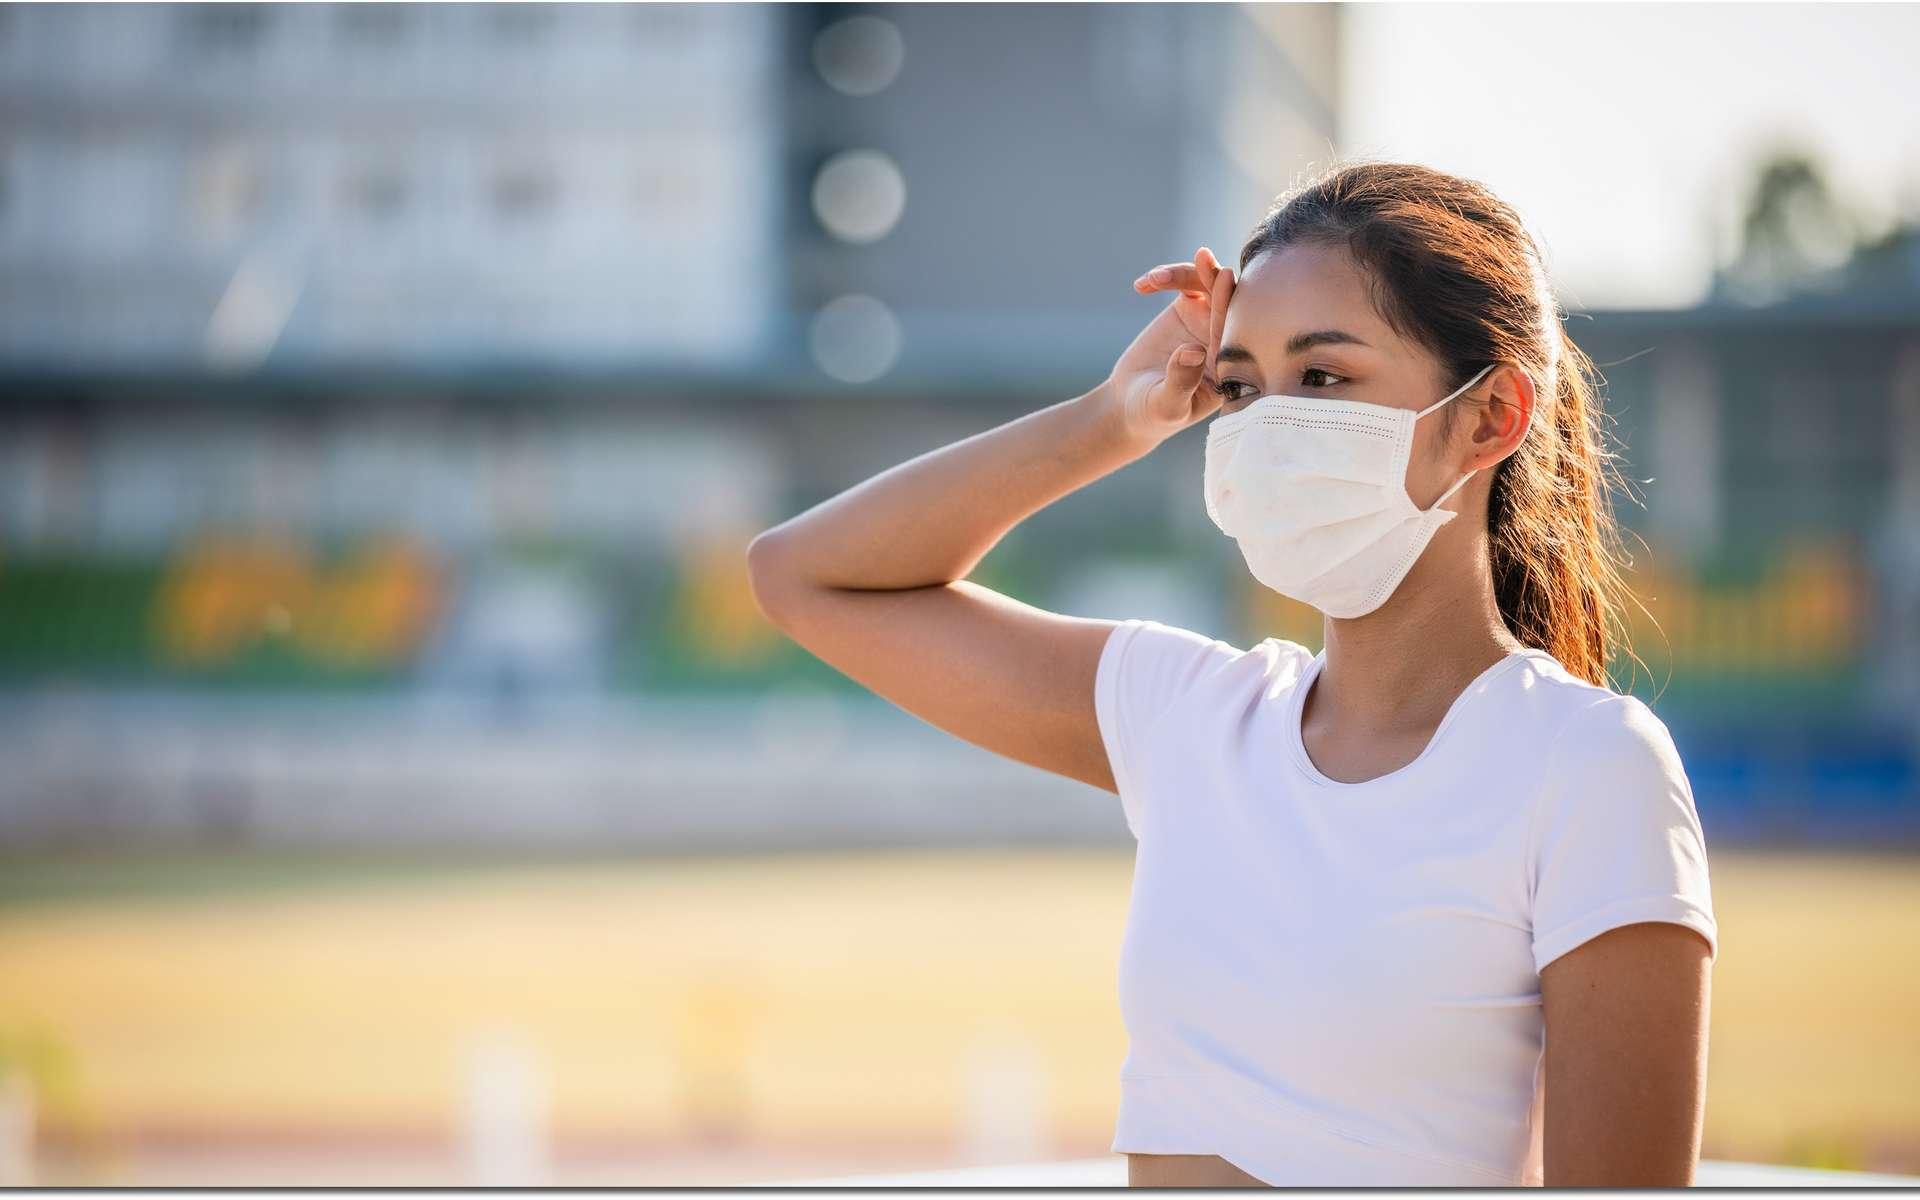 Les changements de climat saisonniers n'auront que peu d'influence sur un ralentissement ou un arrêt de l'épidémie. © tuiphotoengineer, Adobe Stock